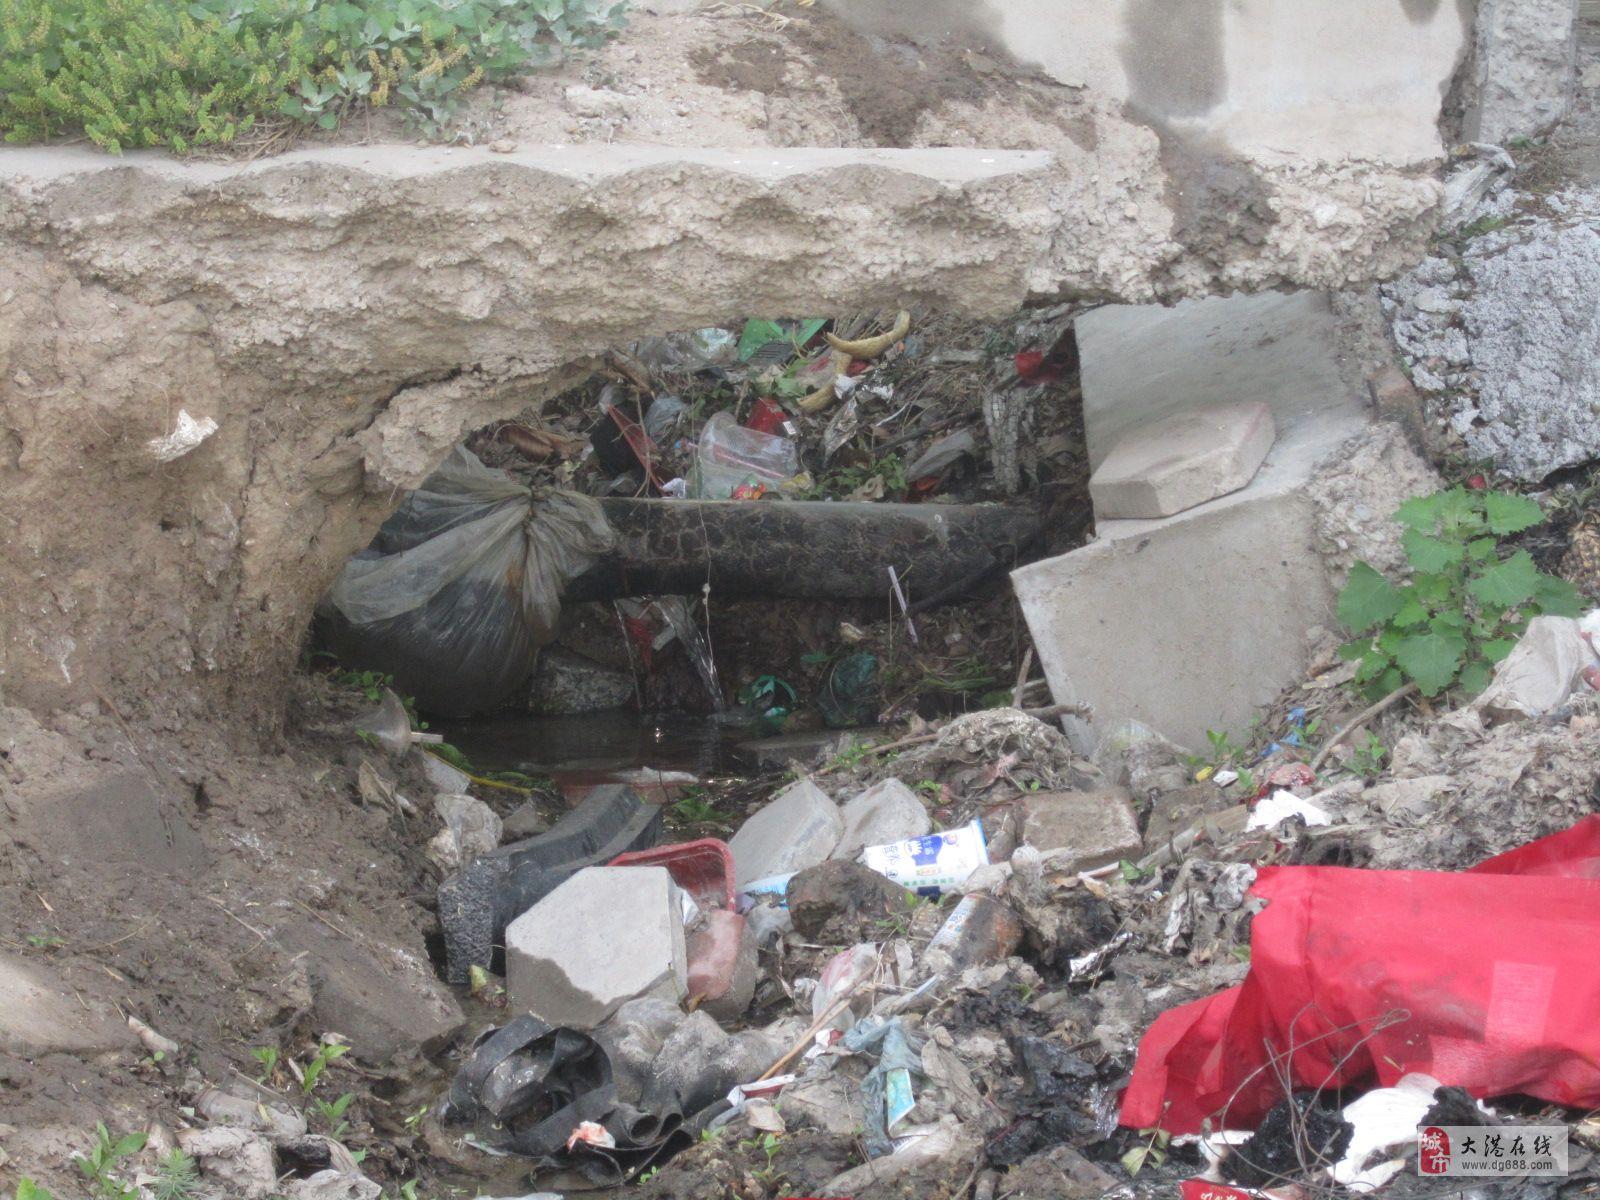 水源浪费谁来管?